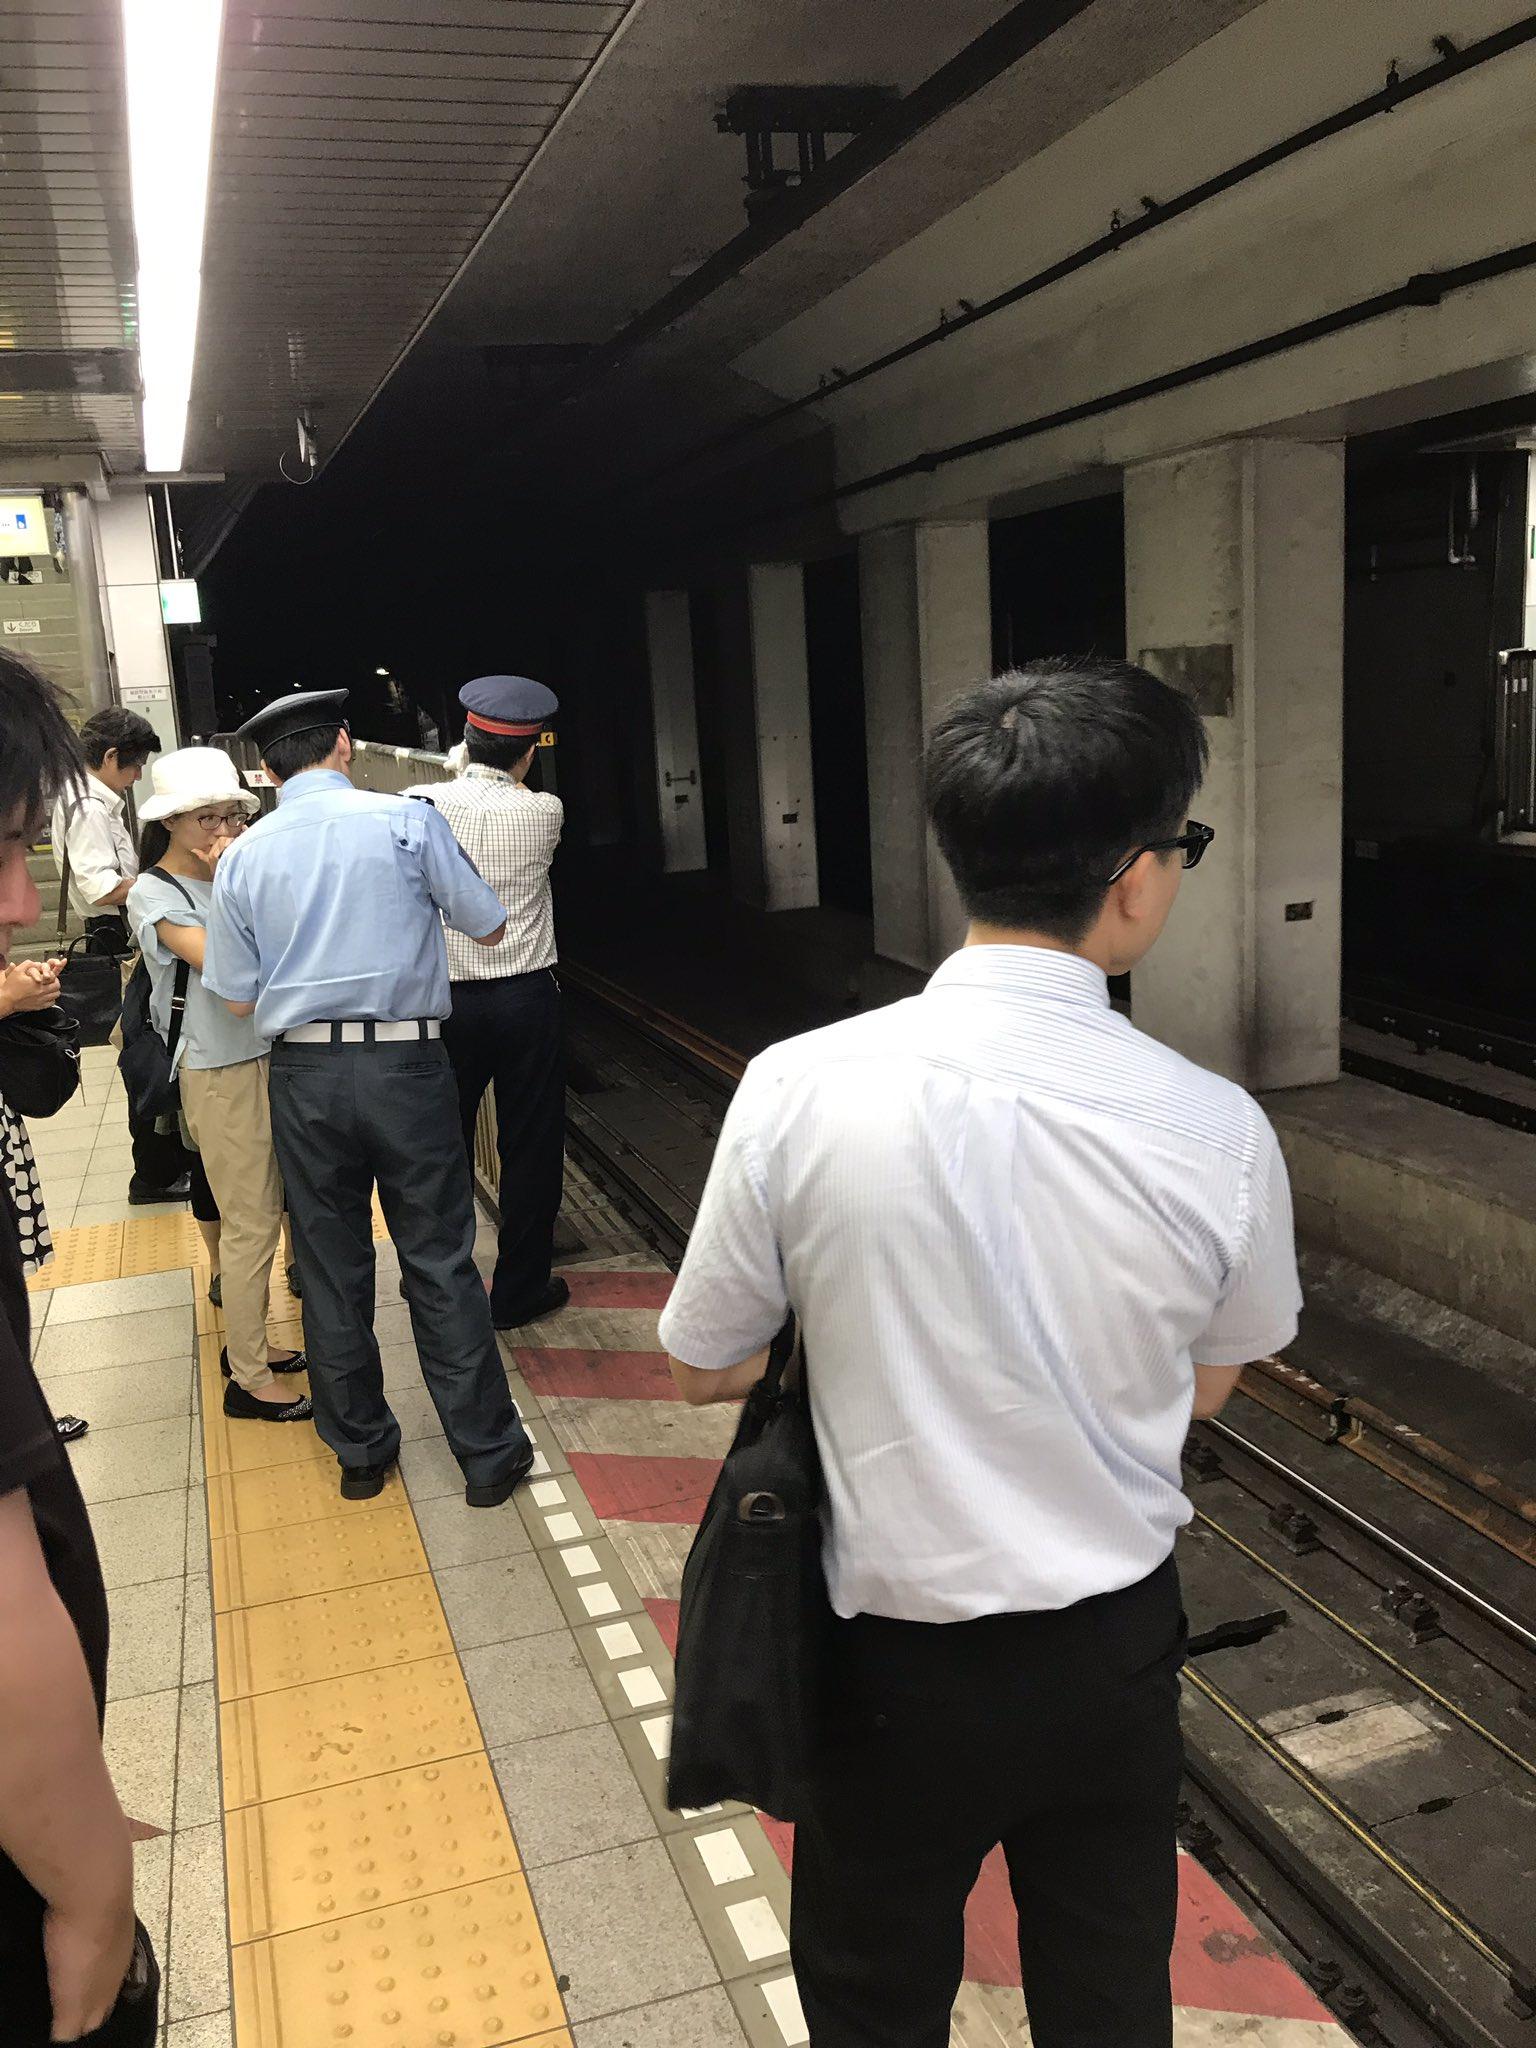 東西線の門前仲町駅で線路内立ち入りが発生した現場の画像